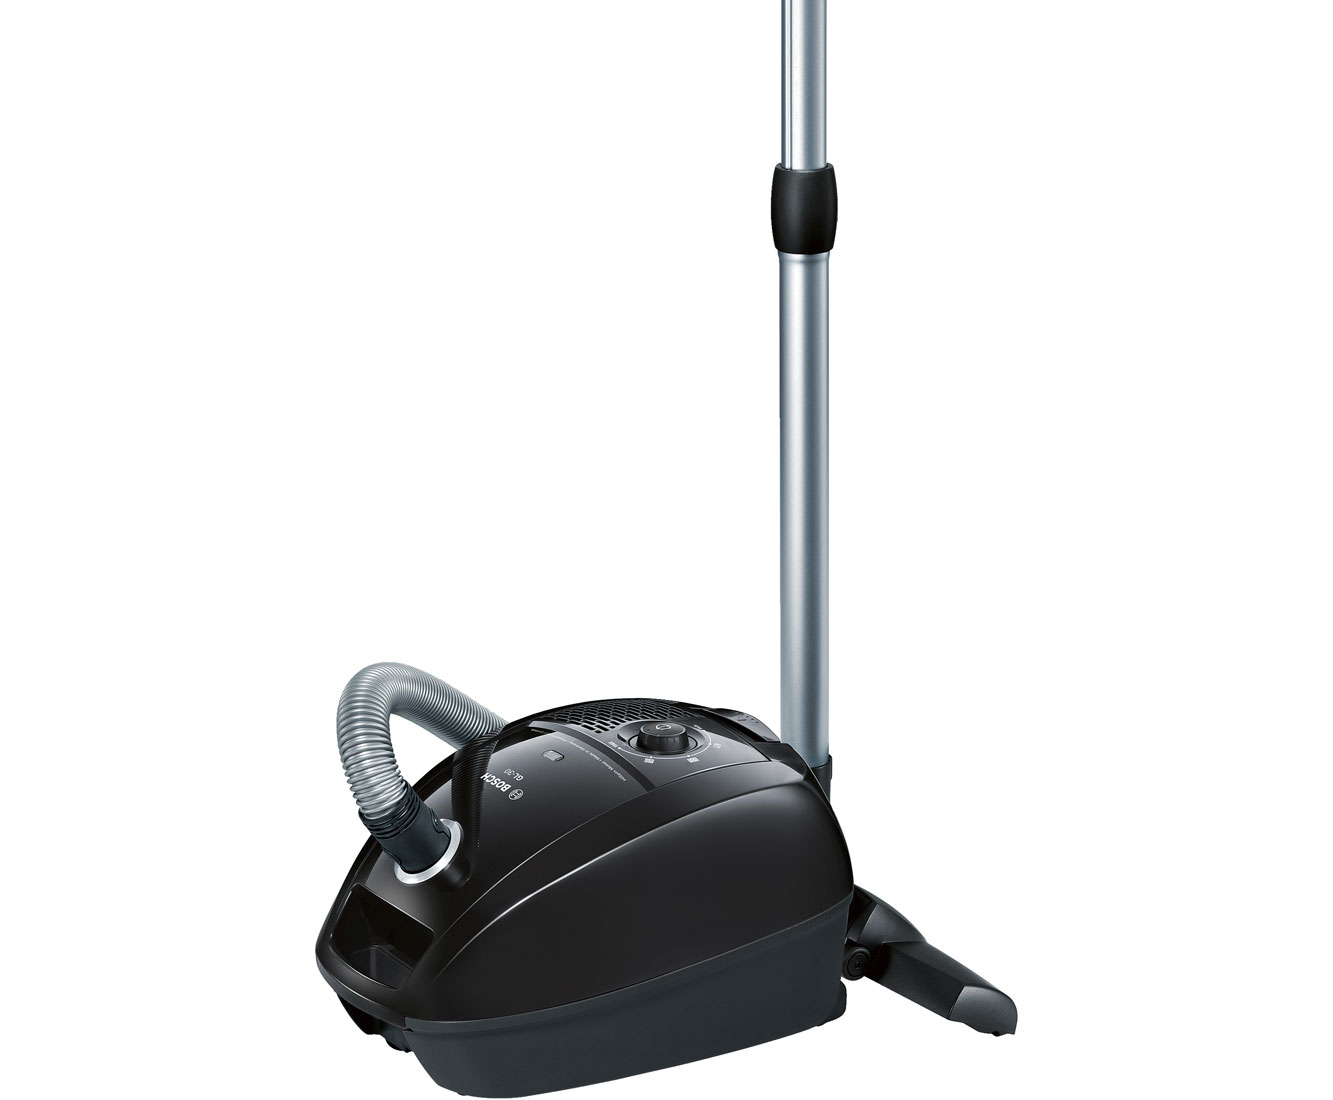 Bosch BGL3B112 Staubsauger - Schwarz | Flur & Diele > Haushaltsgeräte > Staubsauger | Schwarz | Bosch